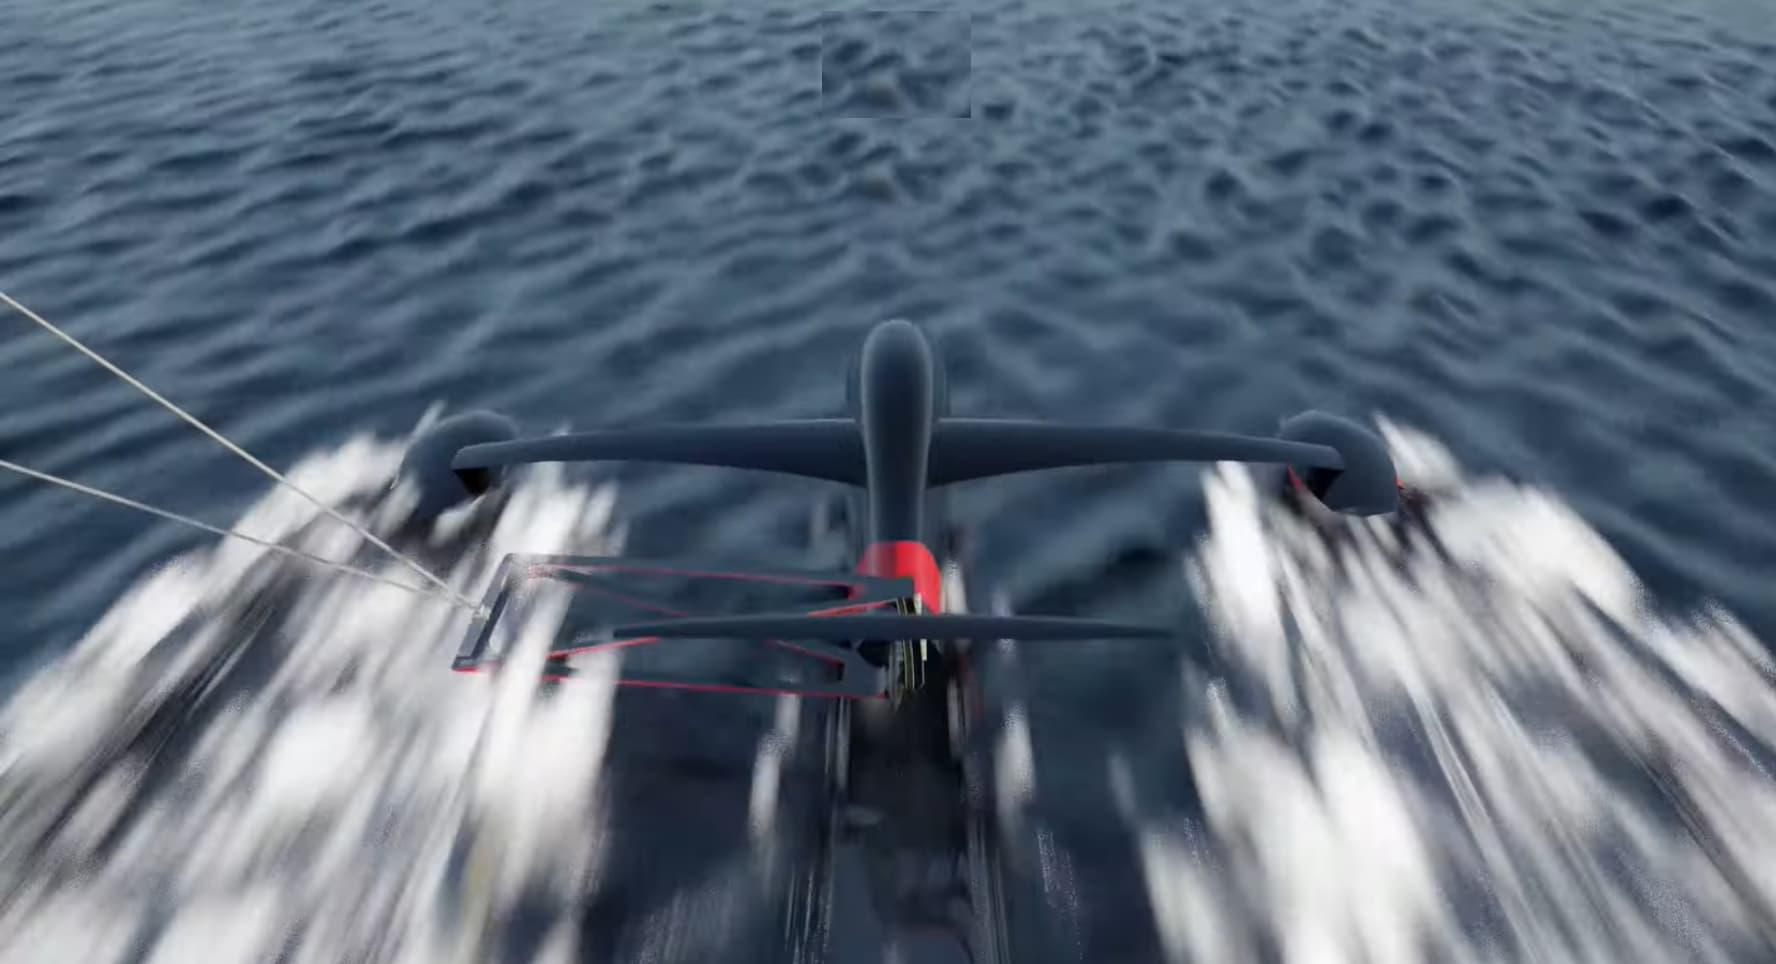 Hydrofoil con el Récord mundial de velocidad con vela